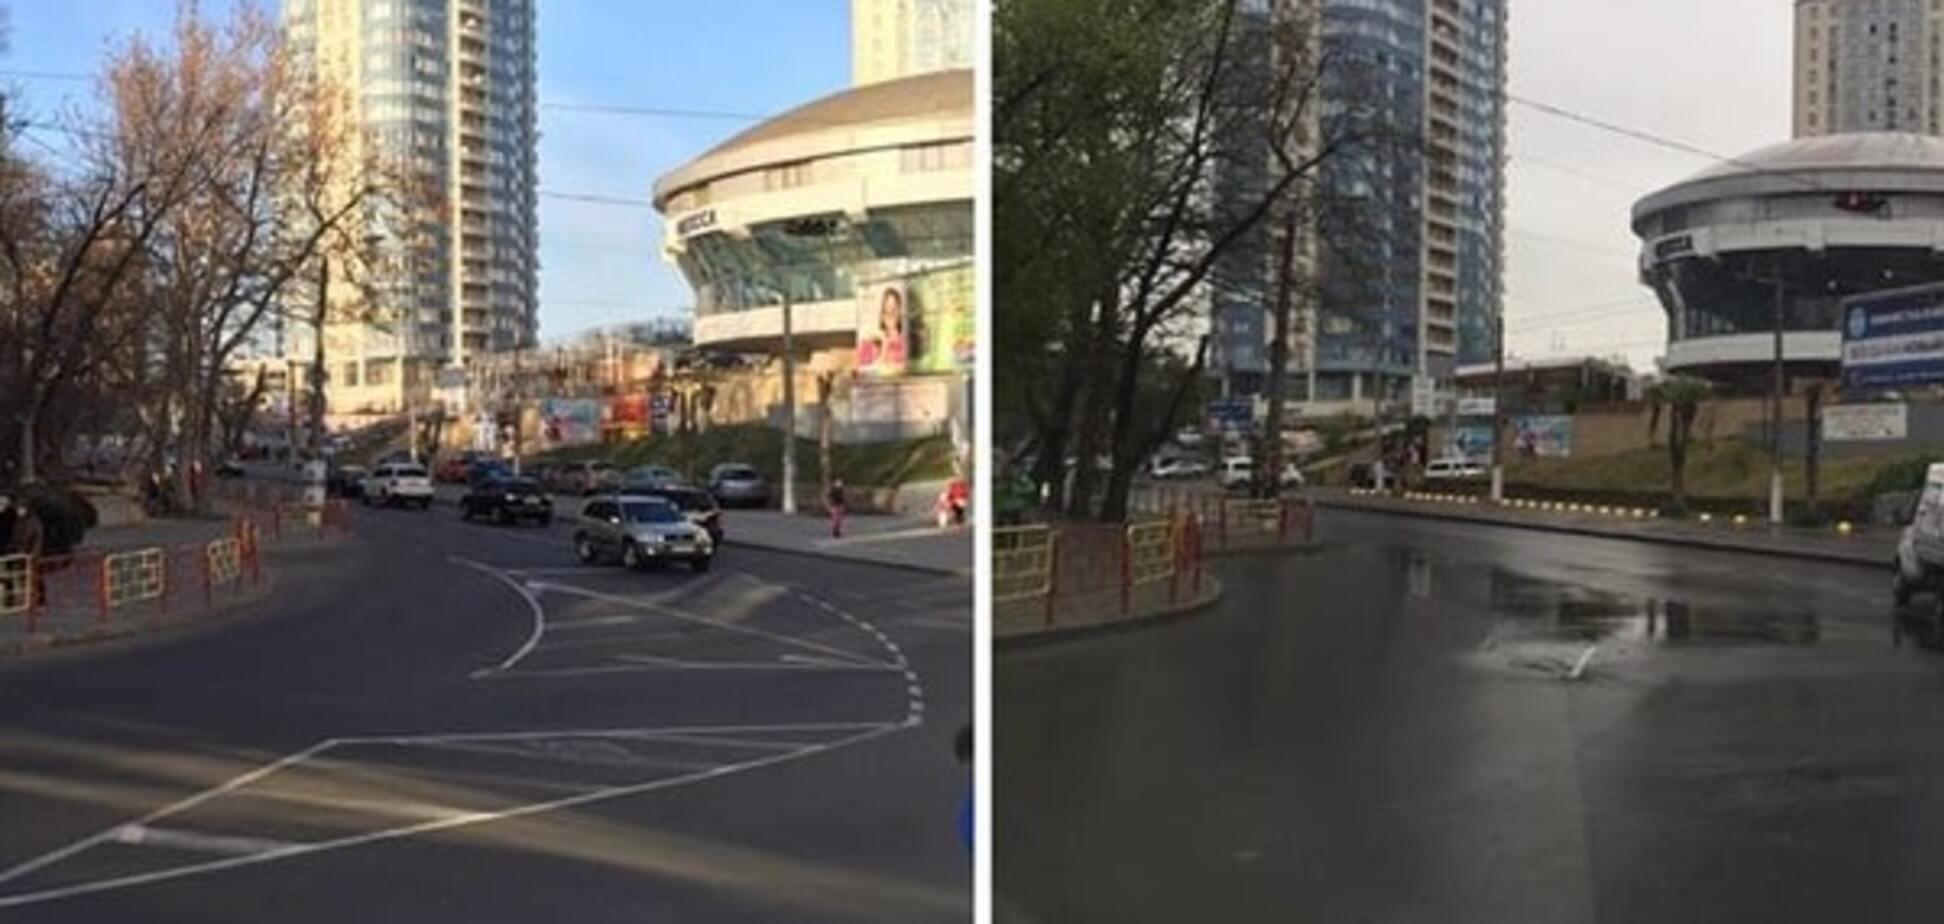 Намальована крейдою: після дощу в Одесі на дорозі зникла розмітка. Фотофакт